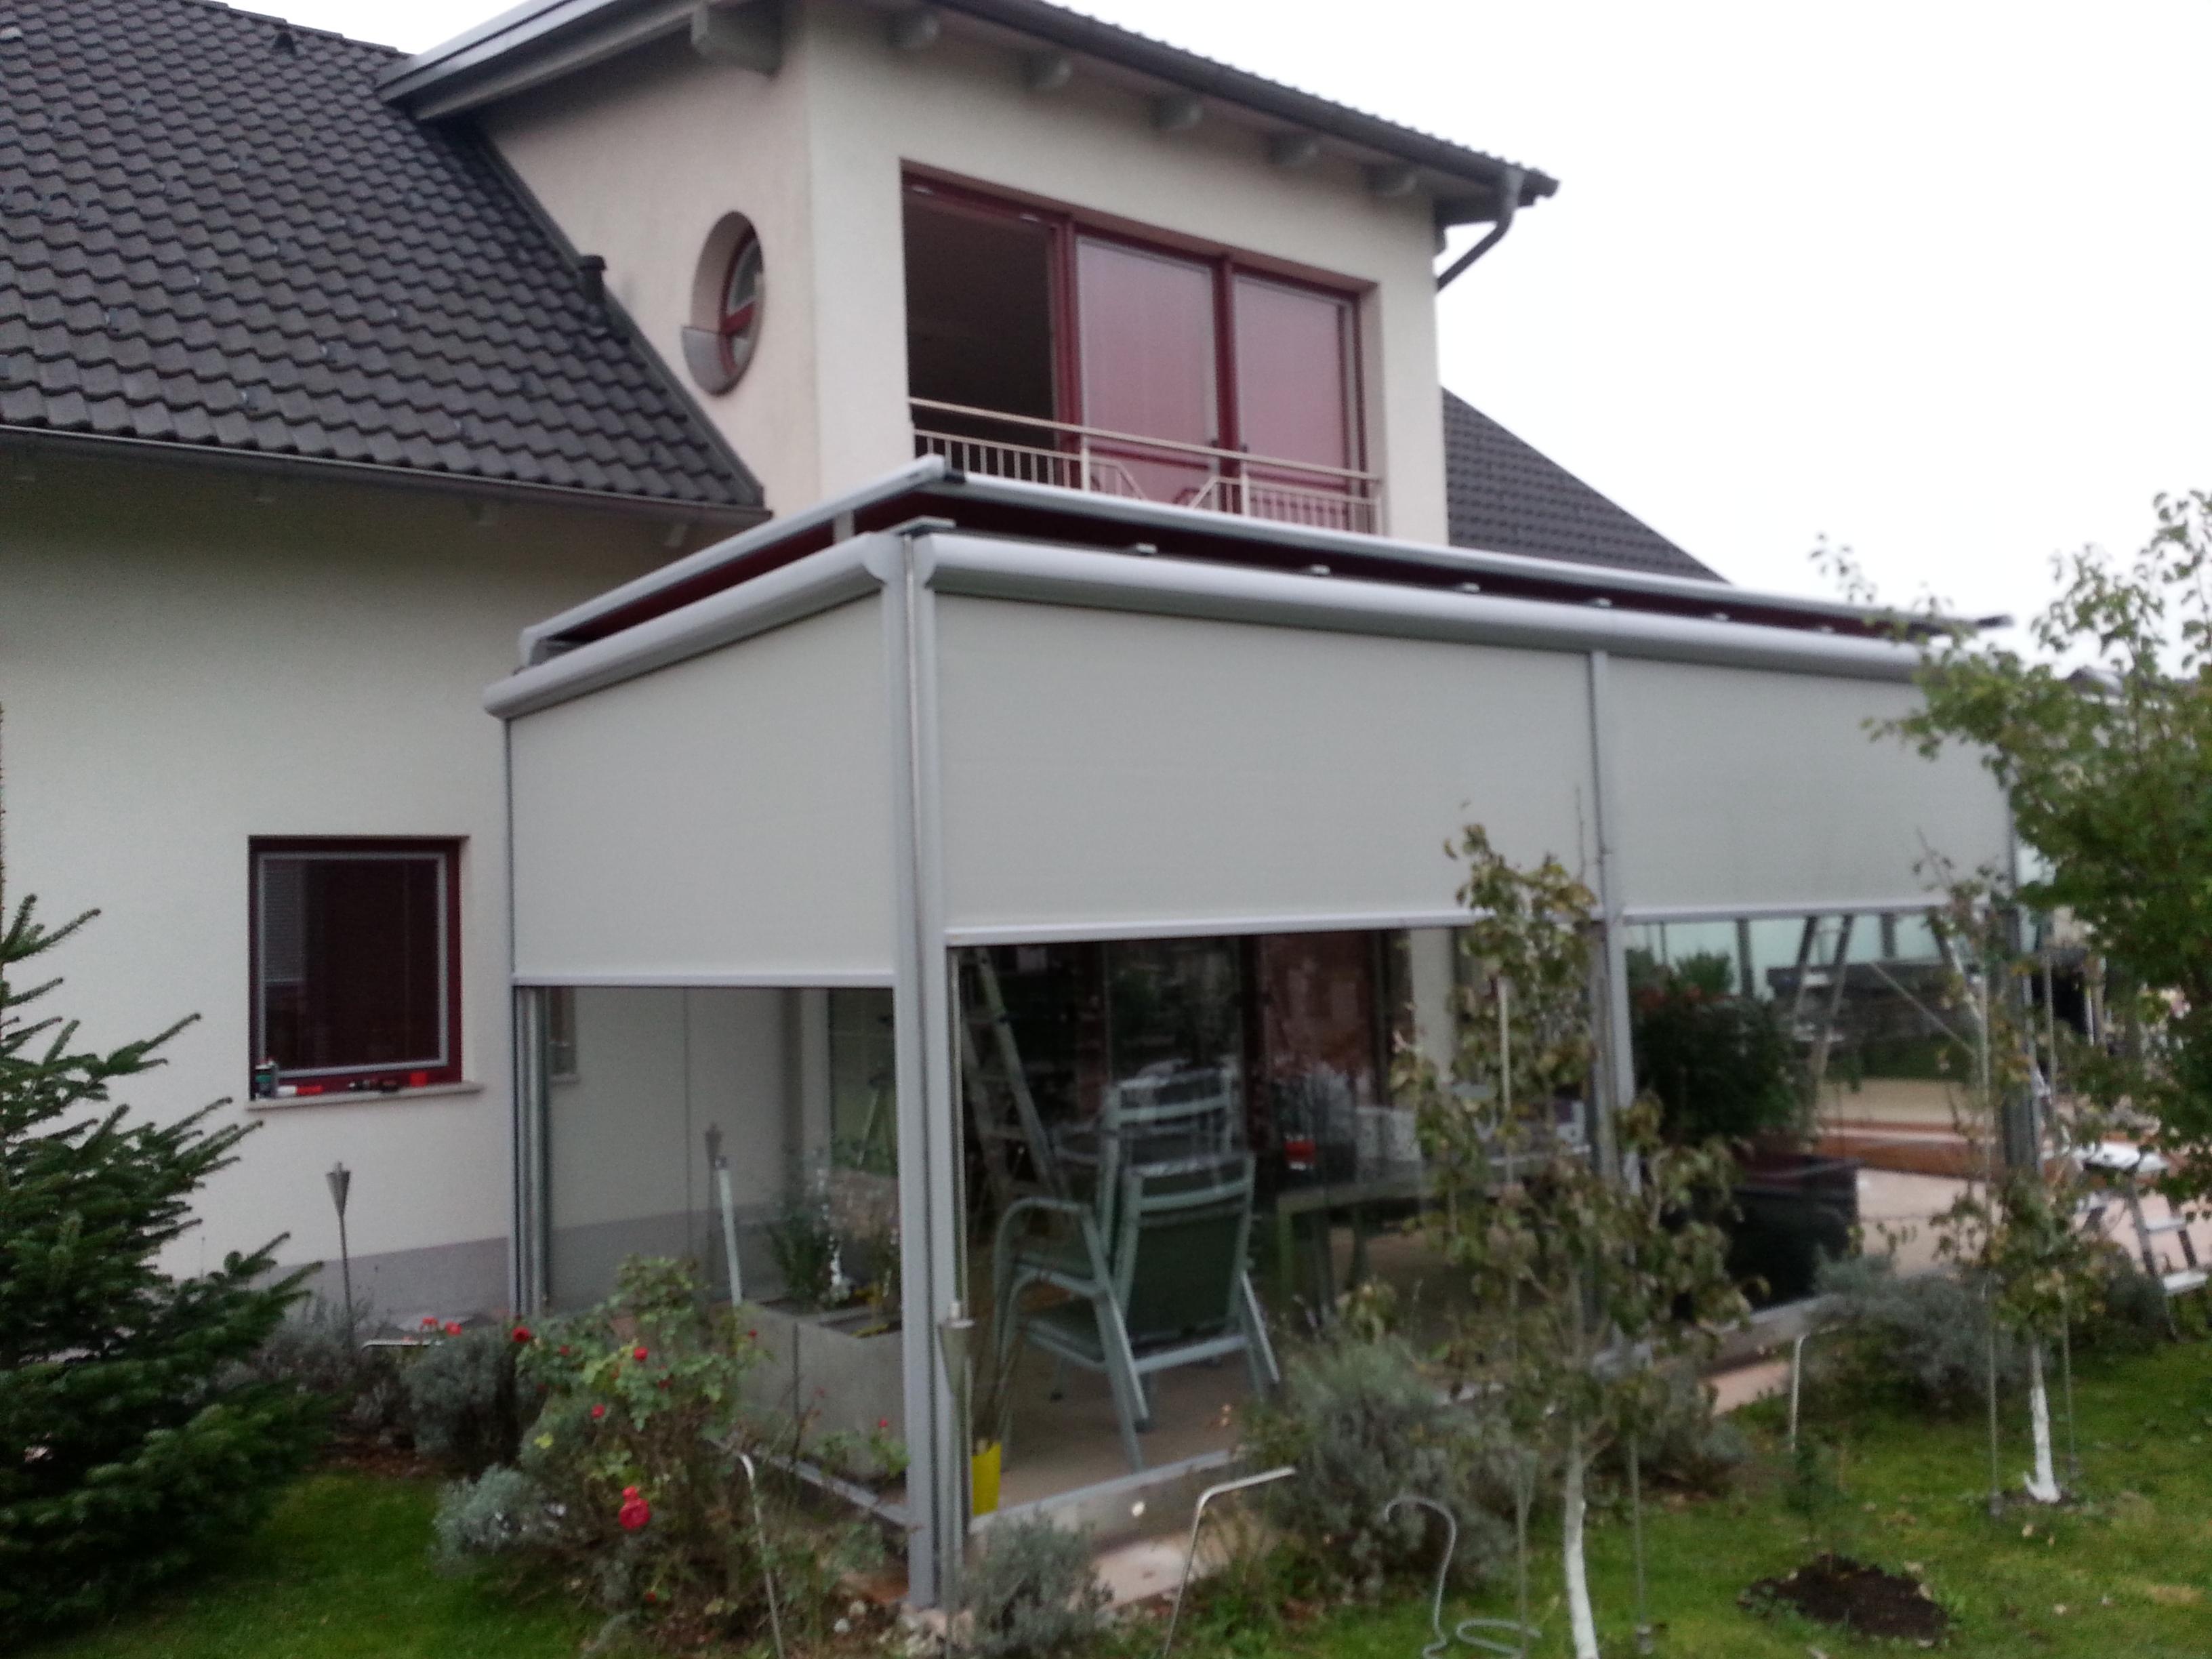 GM Sonnen Sicht und Wetterschutz e. U.